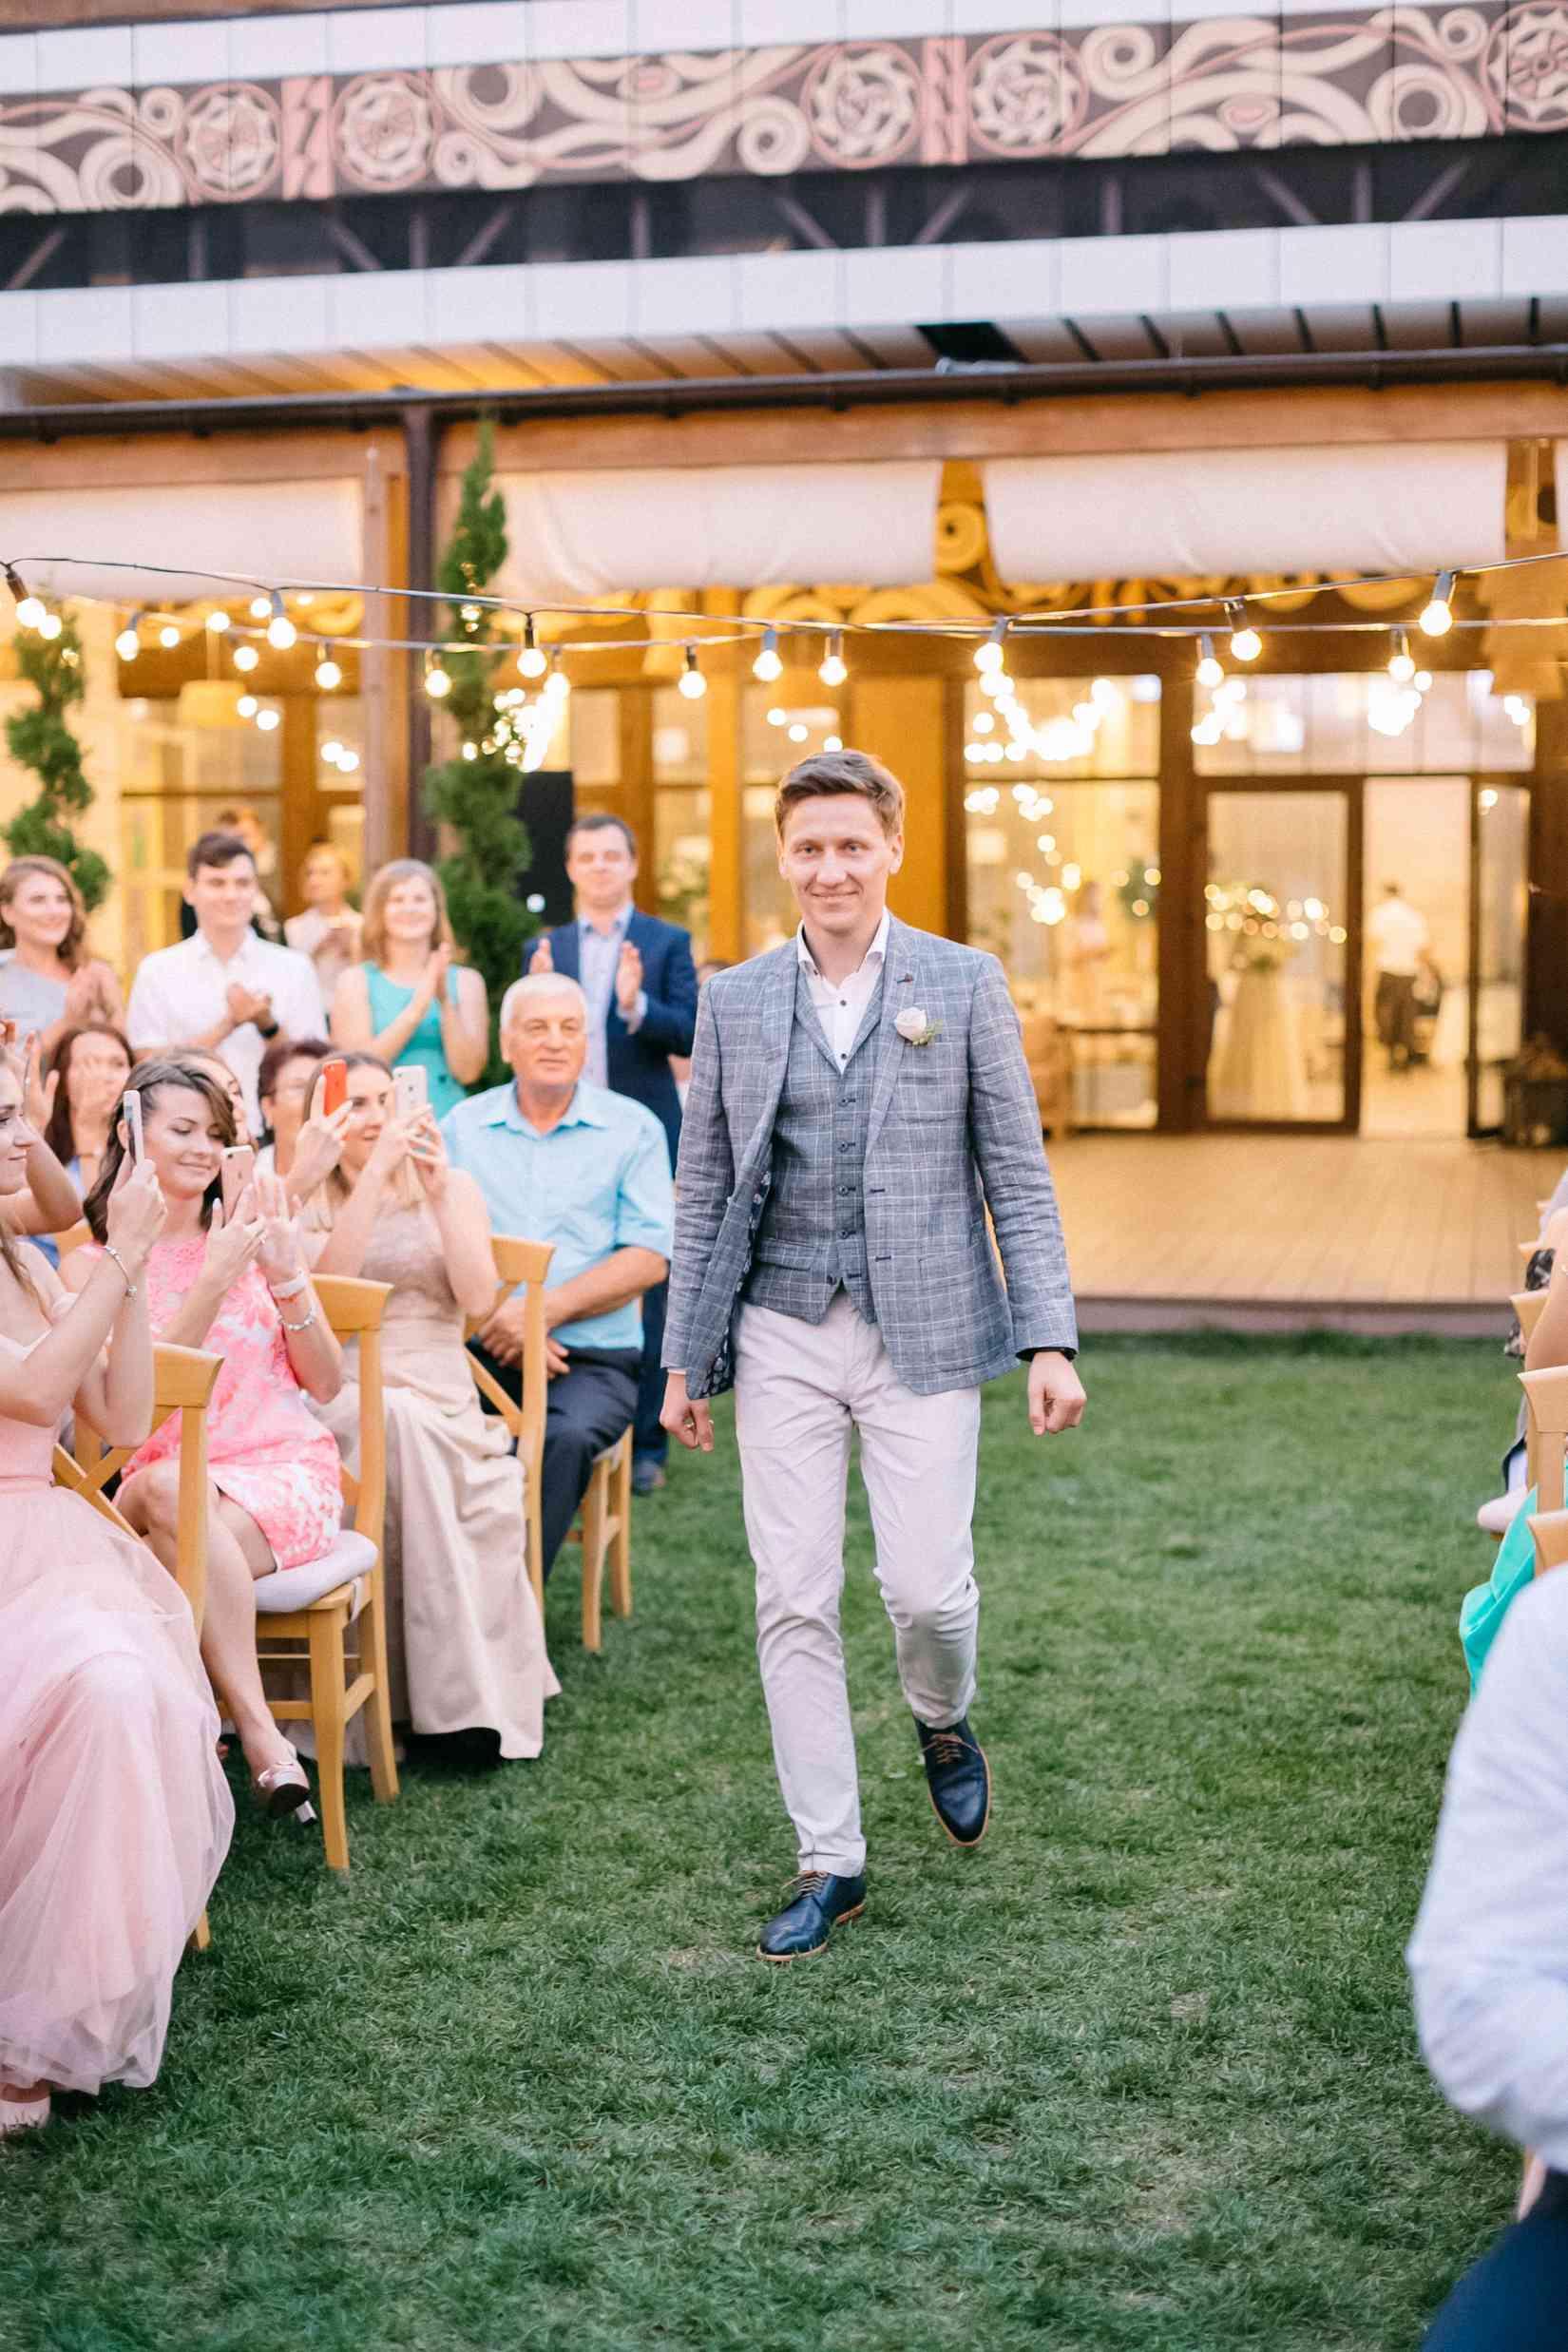 выход жениха на свадьбу, правила